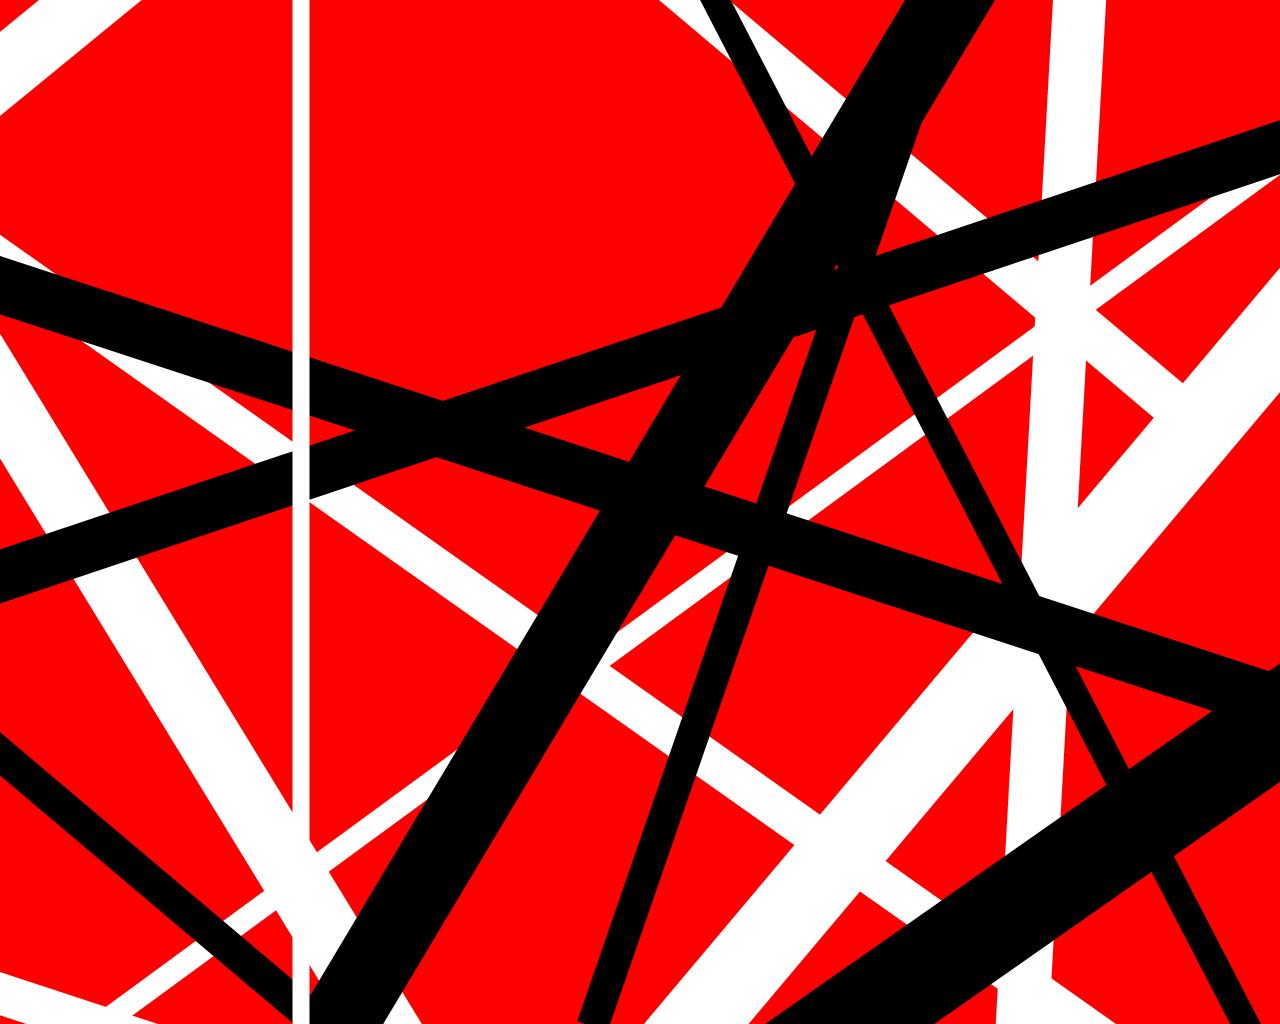 Van Halen Wallpapers  Van halen Black abstract 1280x1024